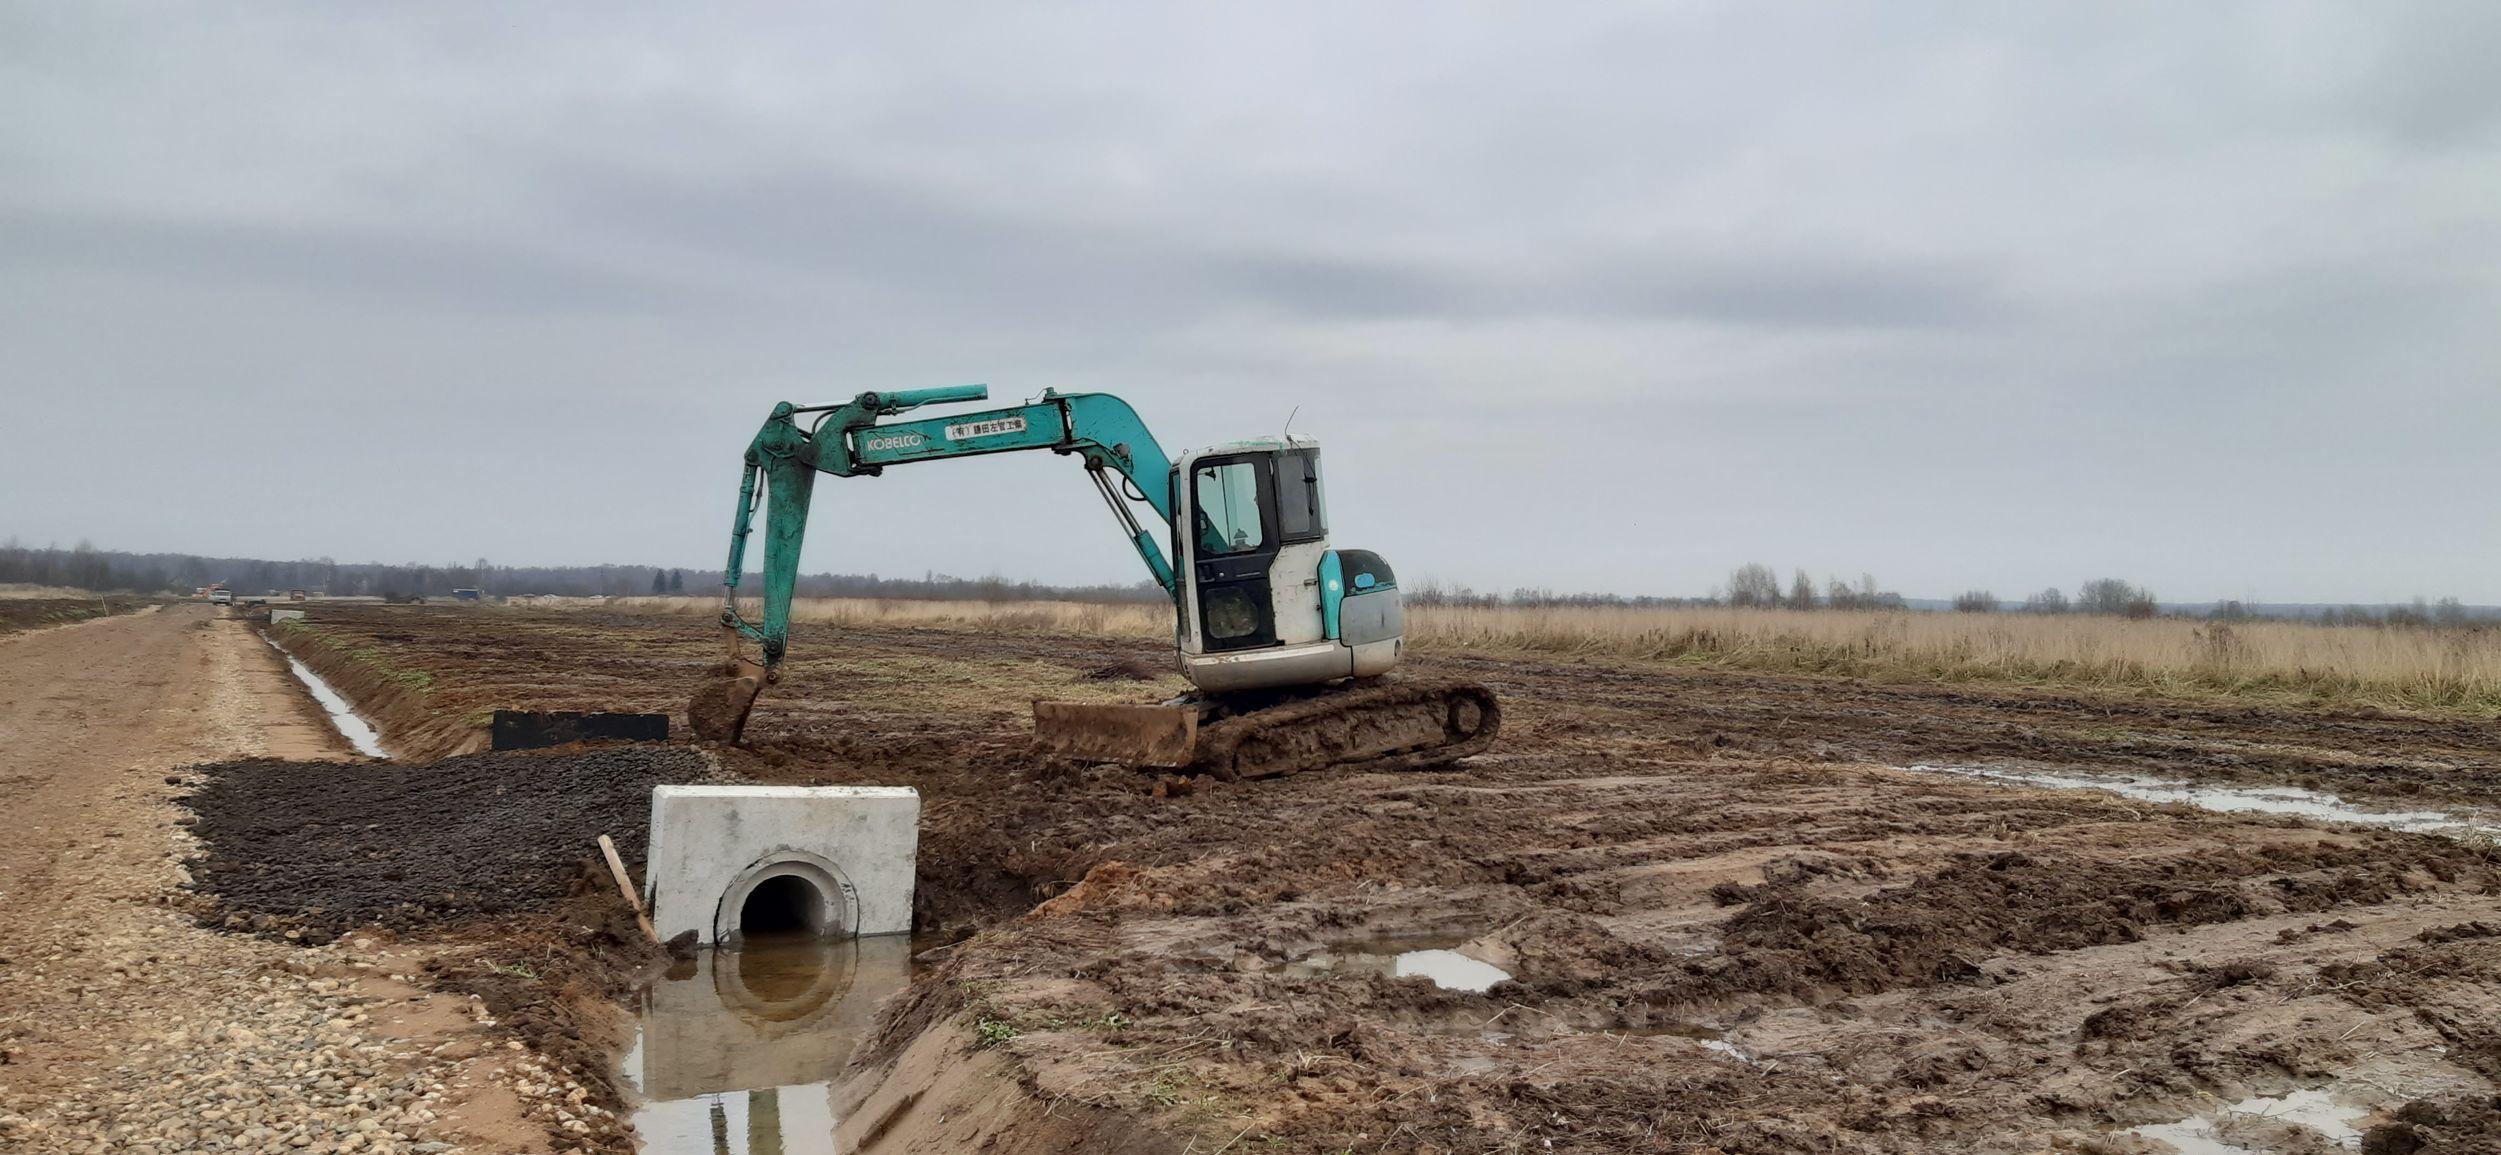 Более 200 молодых и многодетных семей смогут начать строительство на своих земельных участках в деревне Глебовское